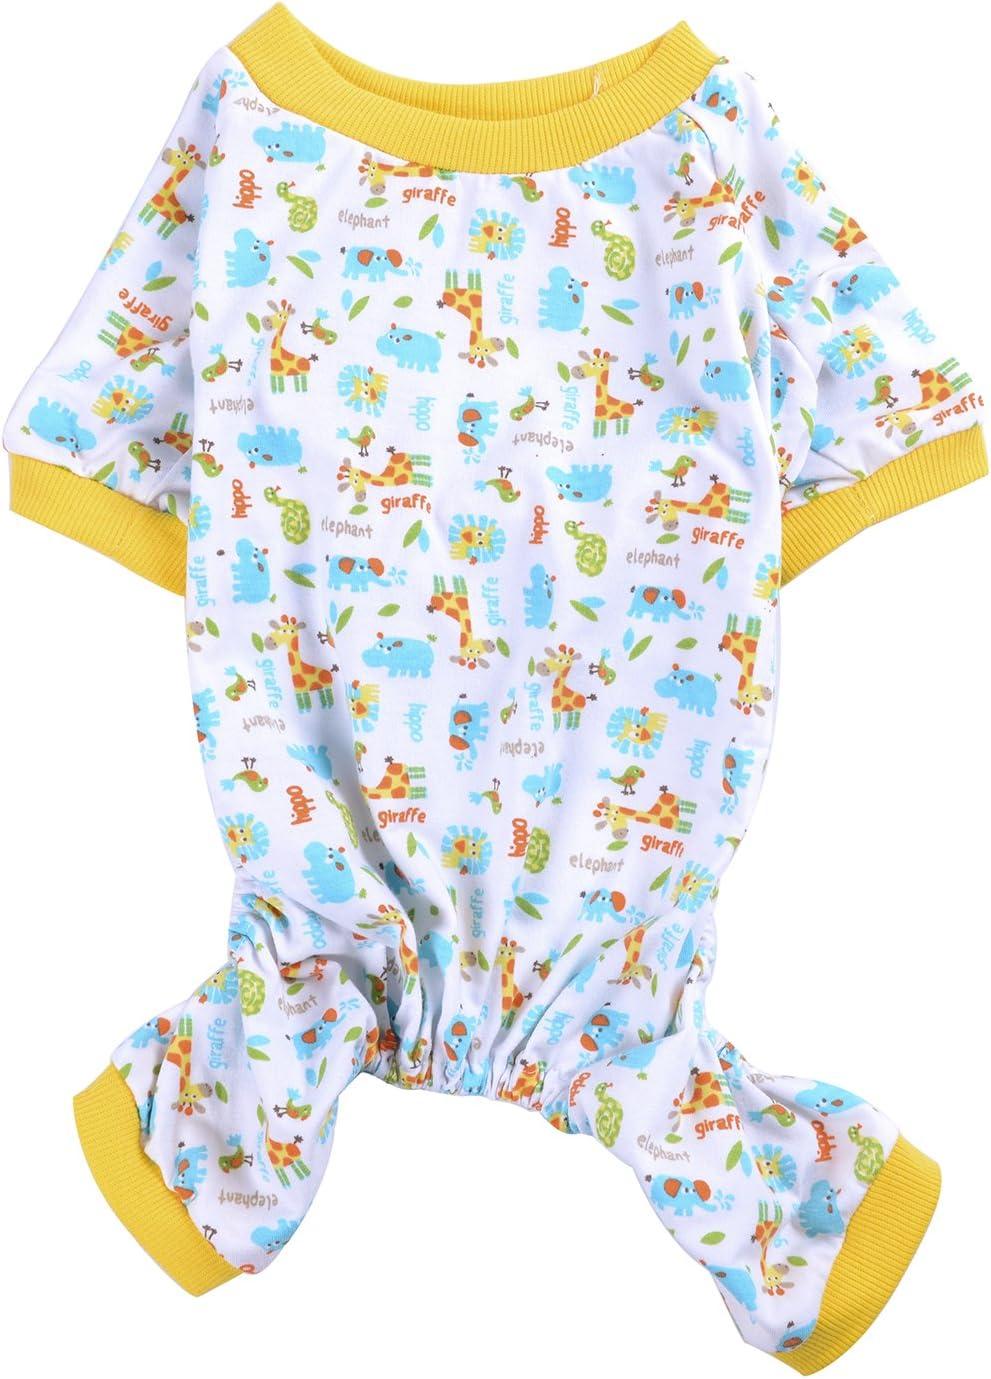 Woo Woo Pets Animal Soft Coats Pajamas review